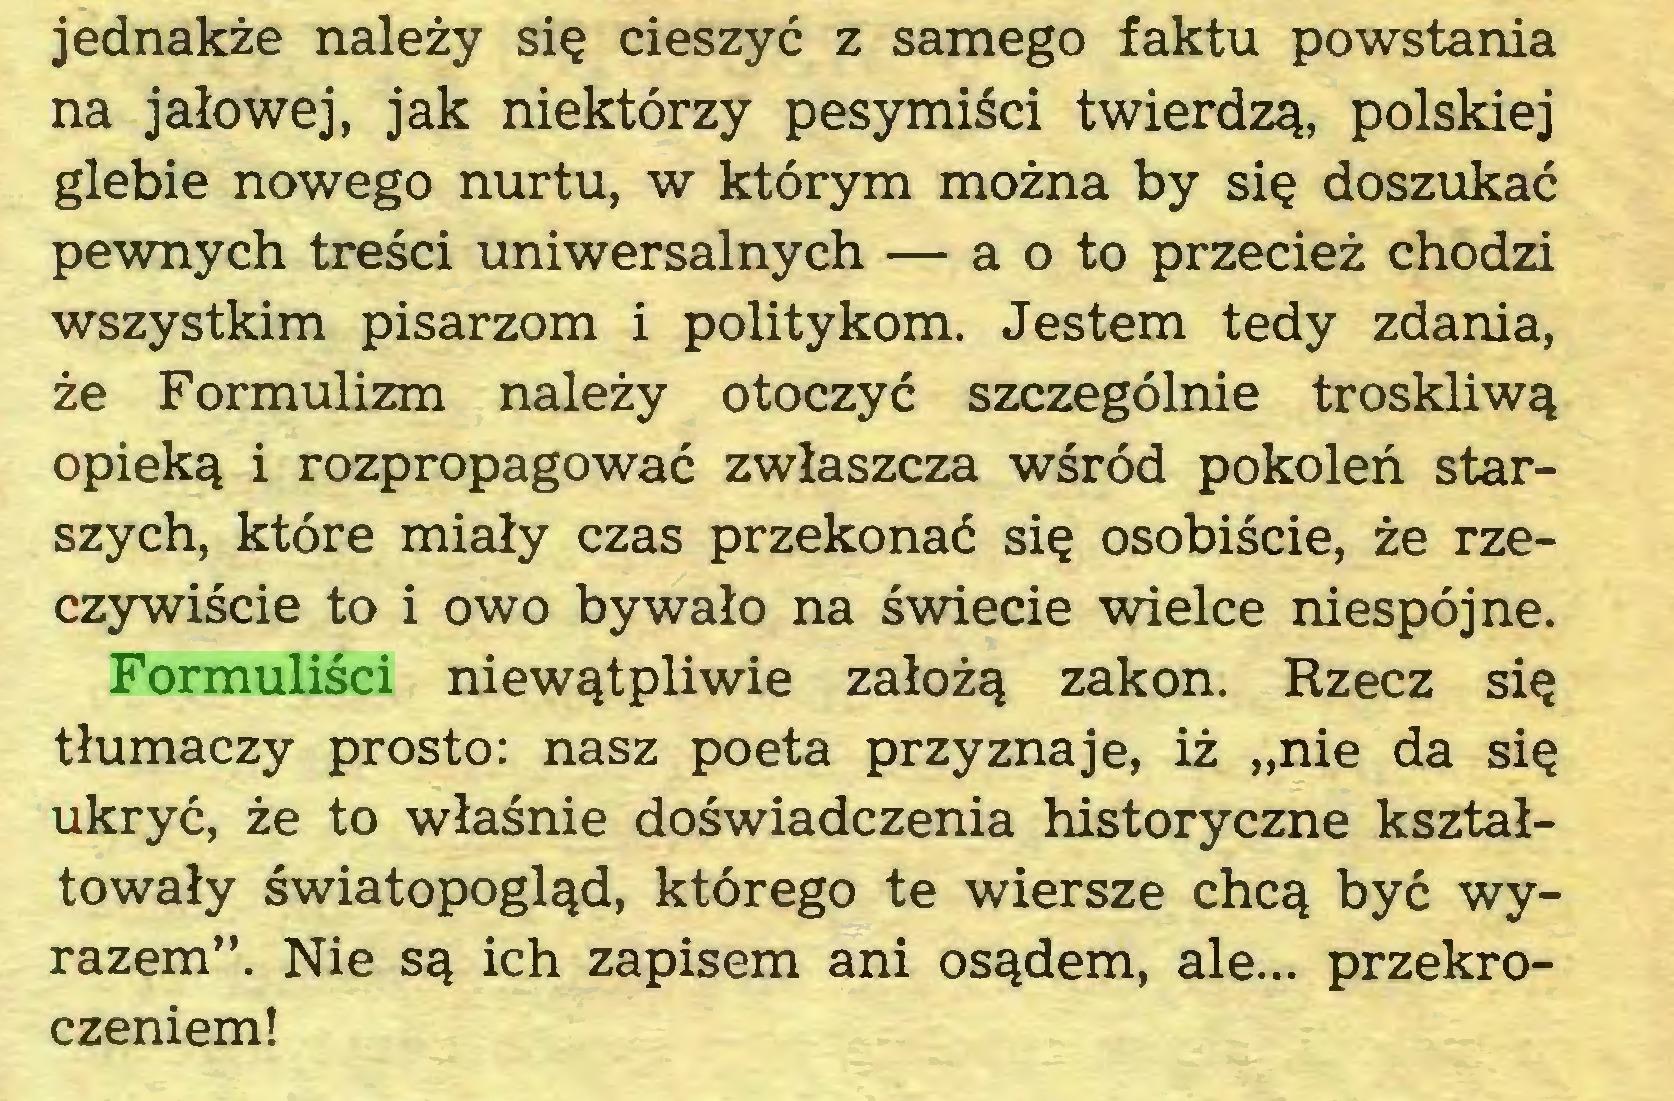 """(...) Formuliści niewątpliwie założą zakon. Rzecz się tłumaczy prosto: nasz poeta przyznaje, iż """"nie da się ukryć, że to właśnie doświadczenia historyczne kształtowały światopogląd, którego te wiersze chcą być wyrazem"""". Nie są ich zapisem ani osądem, ale... przekroczeniem! O WSZYSTKIM WĄTPIĆ..."""